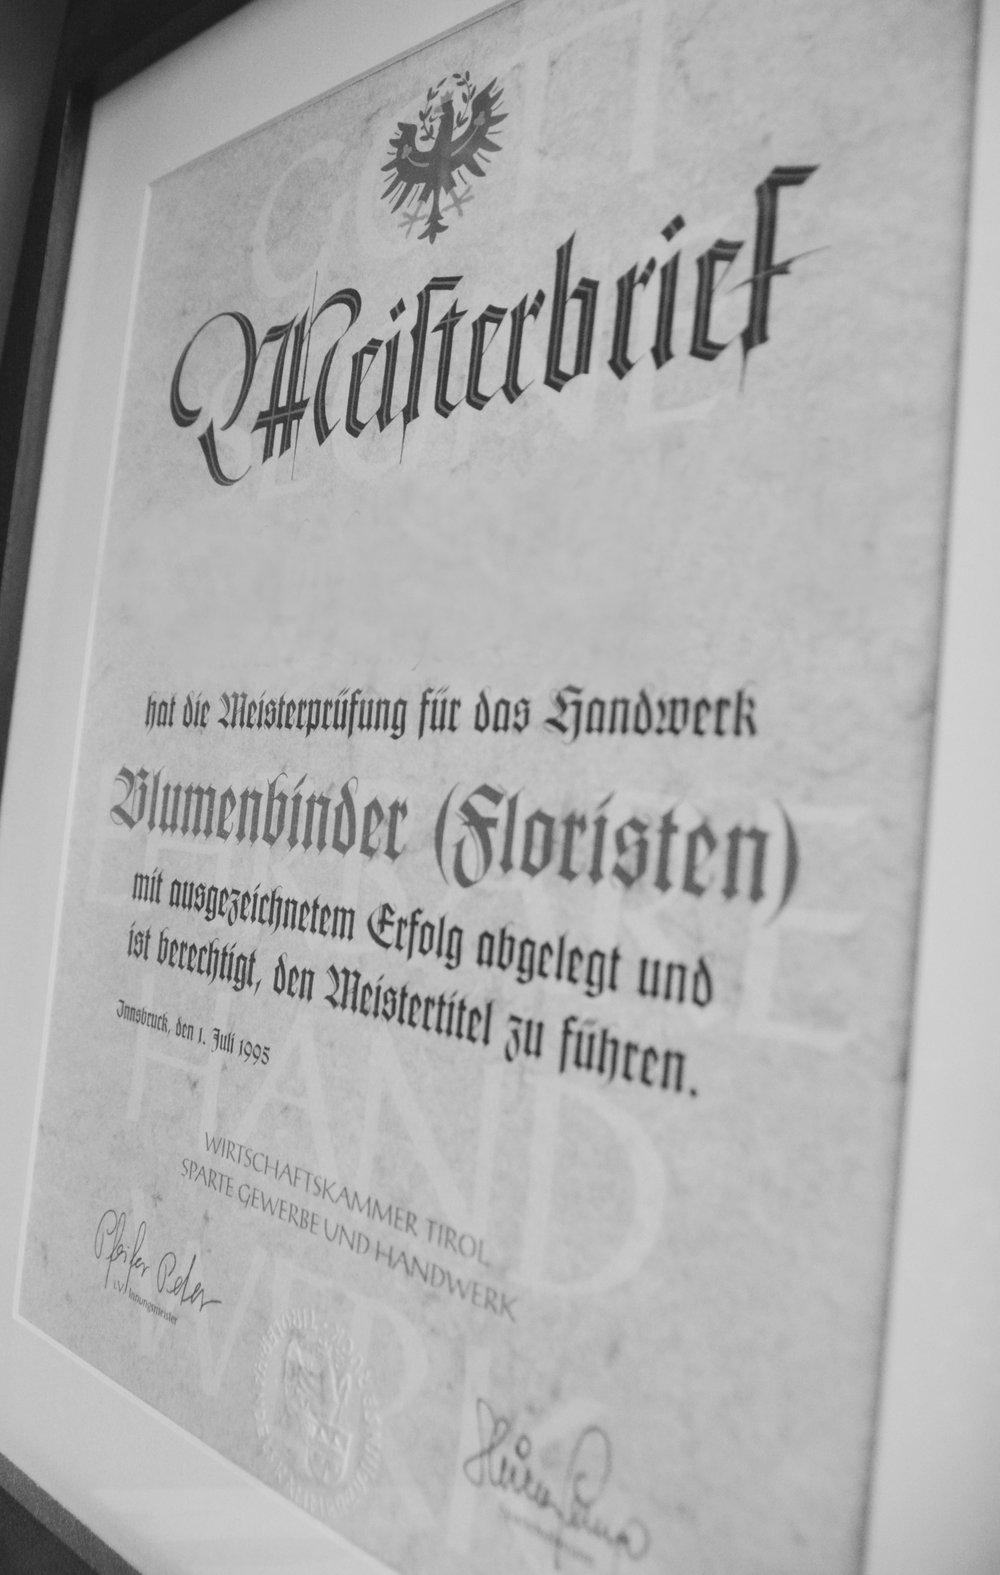 Das staatliche Meisterdiplom - höchste Ehrung für höchste Leistungen.